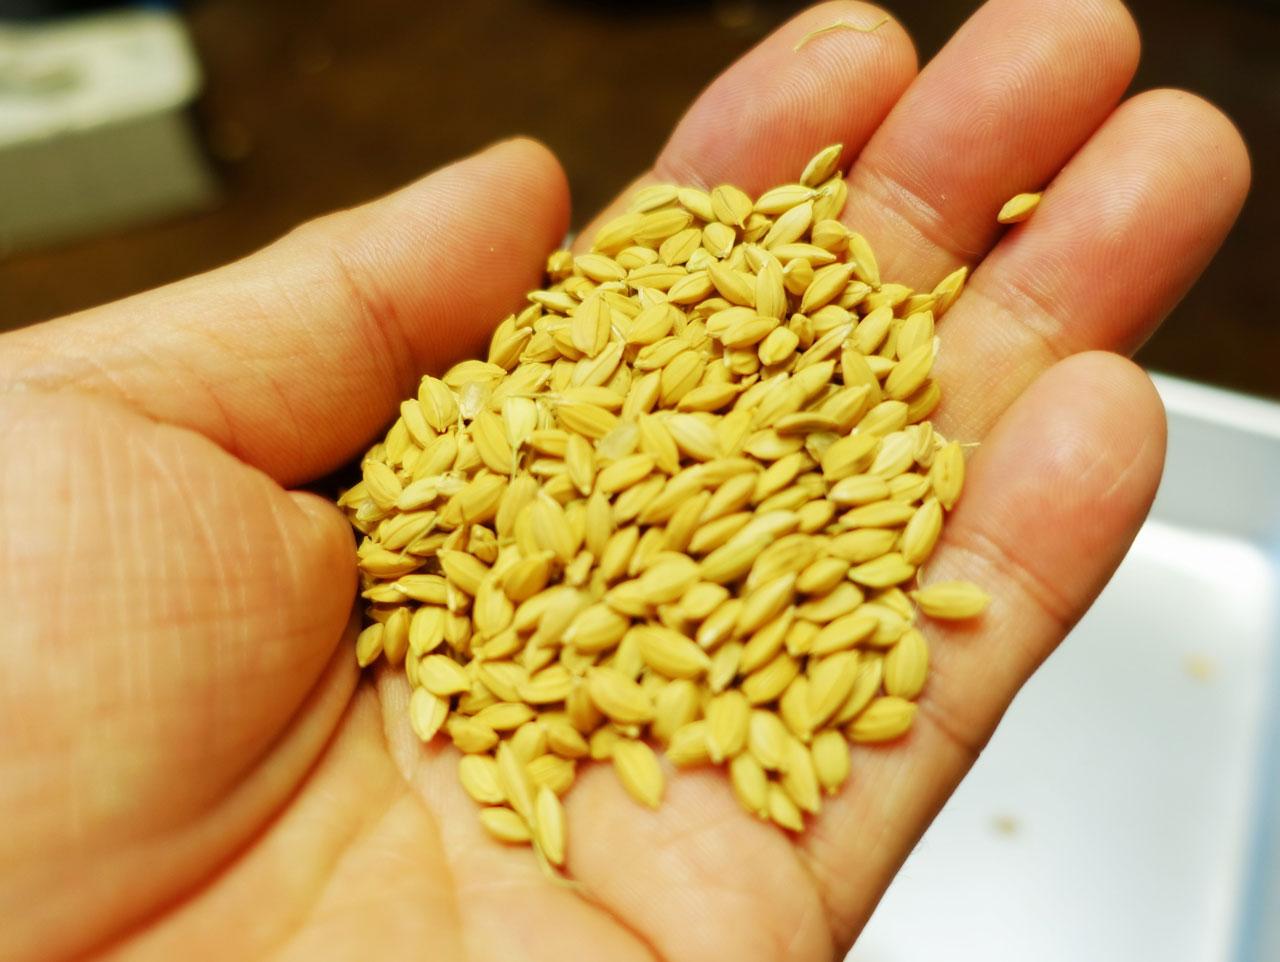 米を食うまでがこんなに大変とは──コデラ総研 家庭部(24)